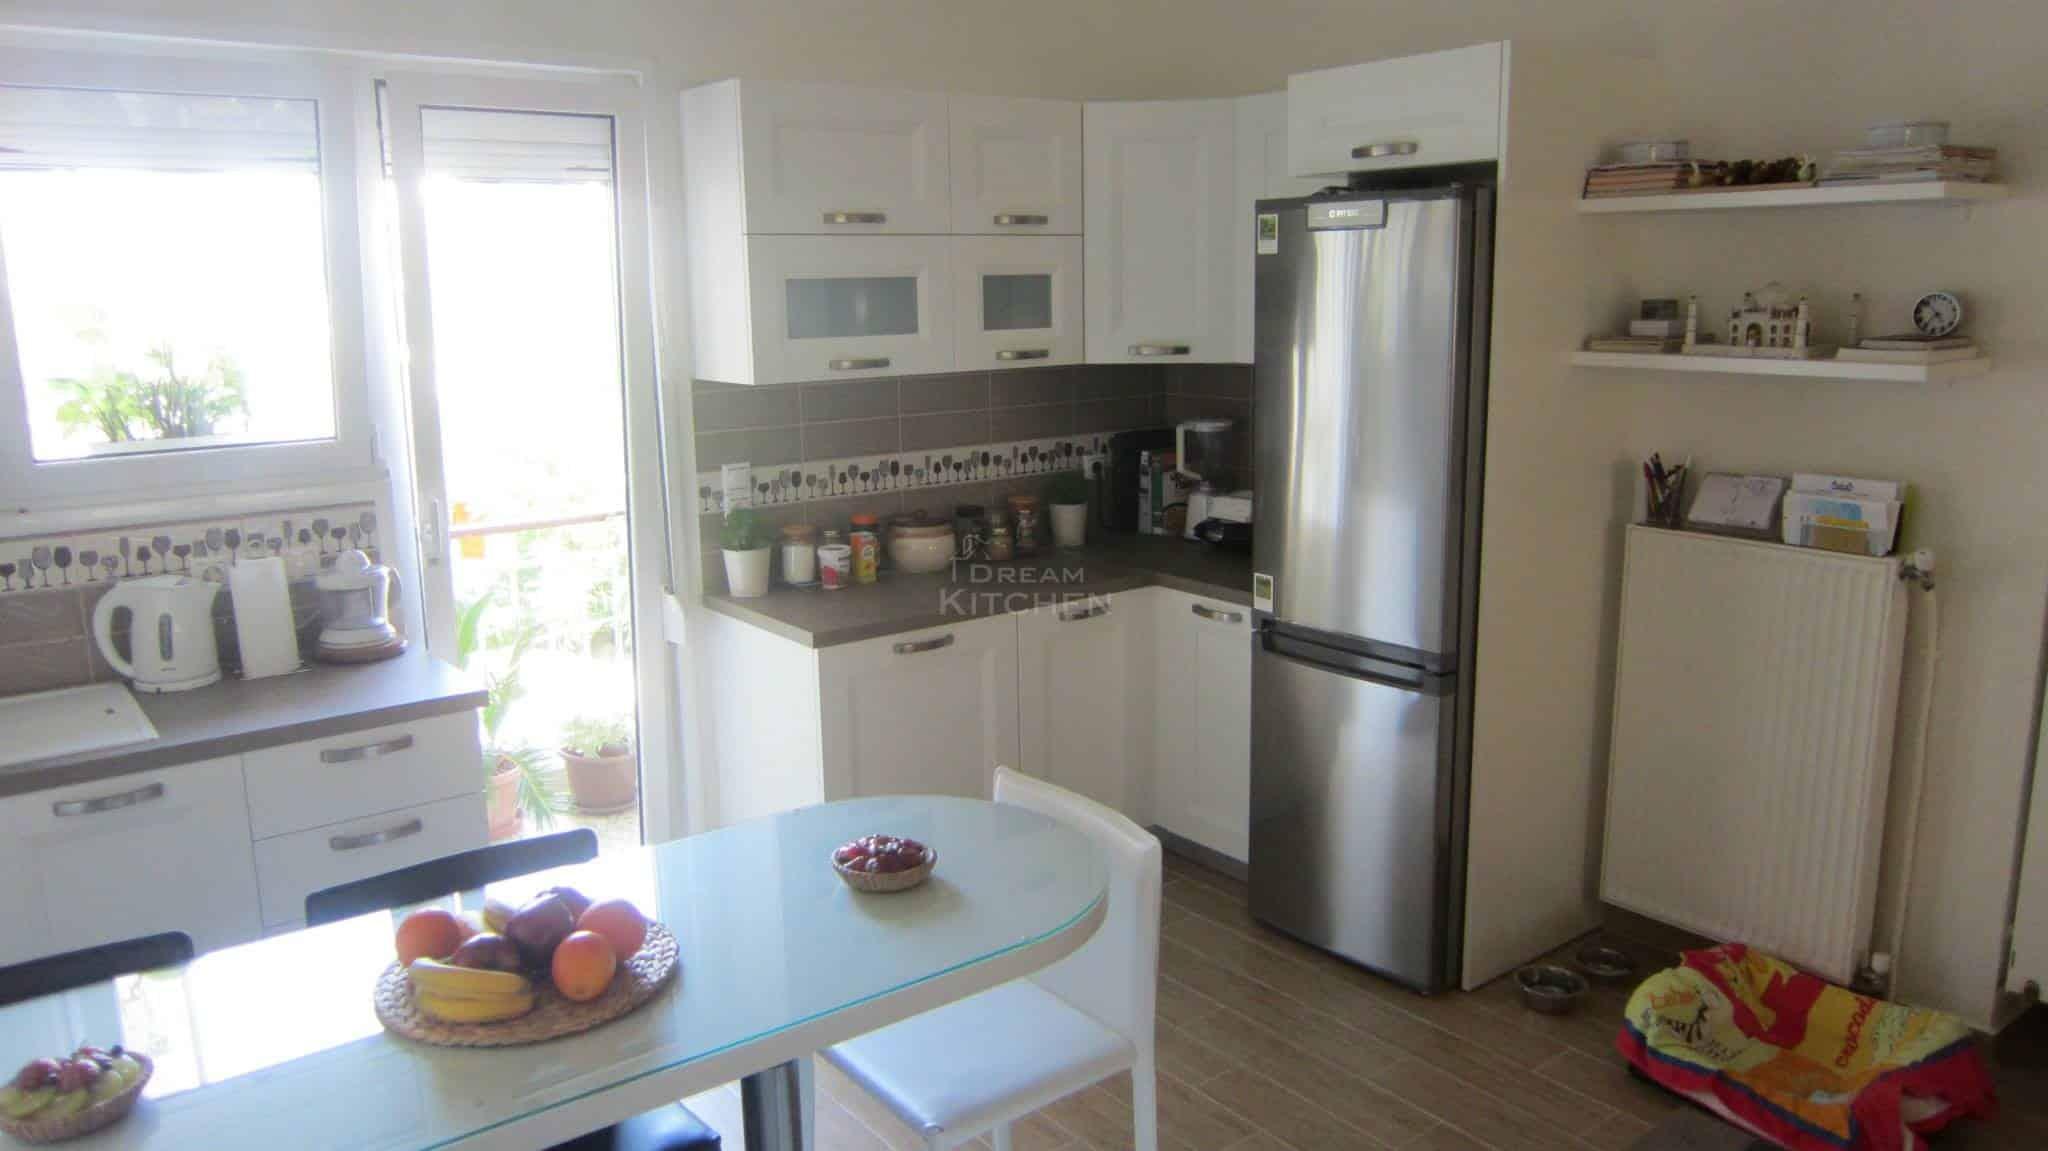 Κουζινα Πολυμερικο σε λευκο χρωματισμο 3